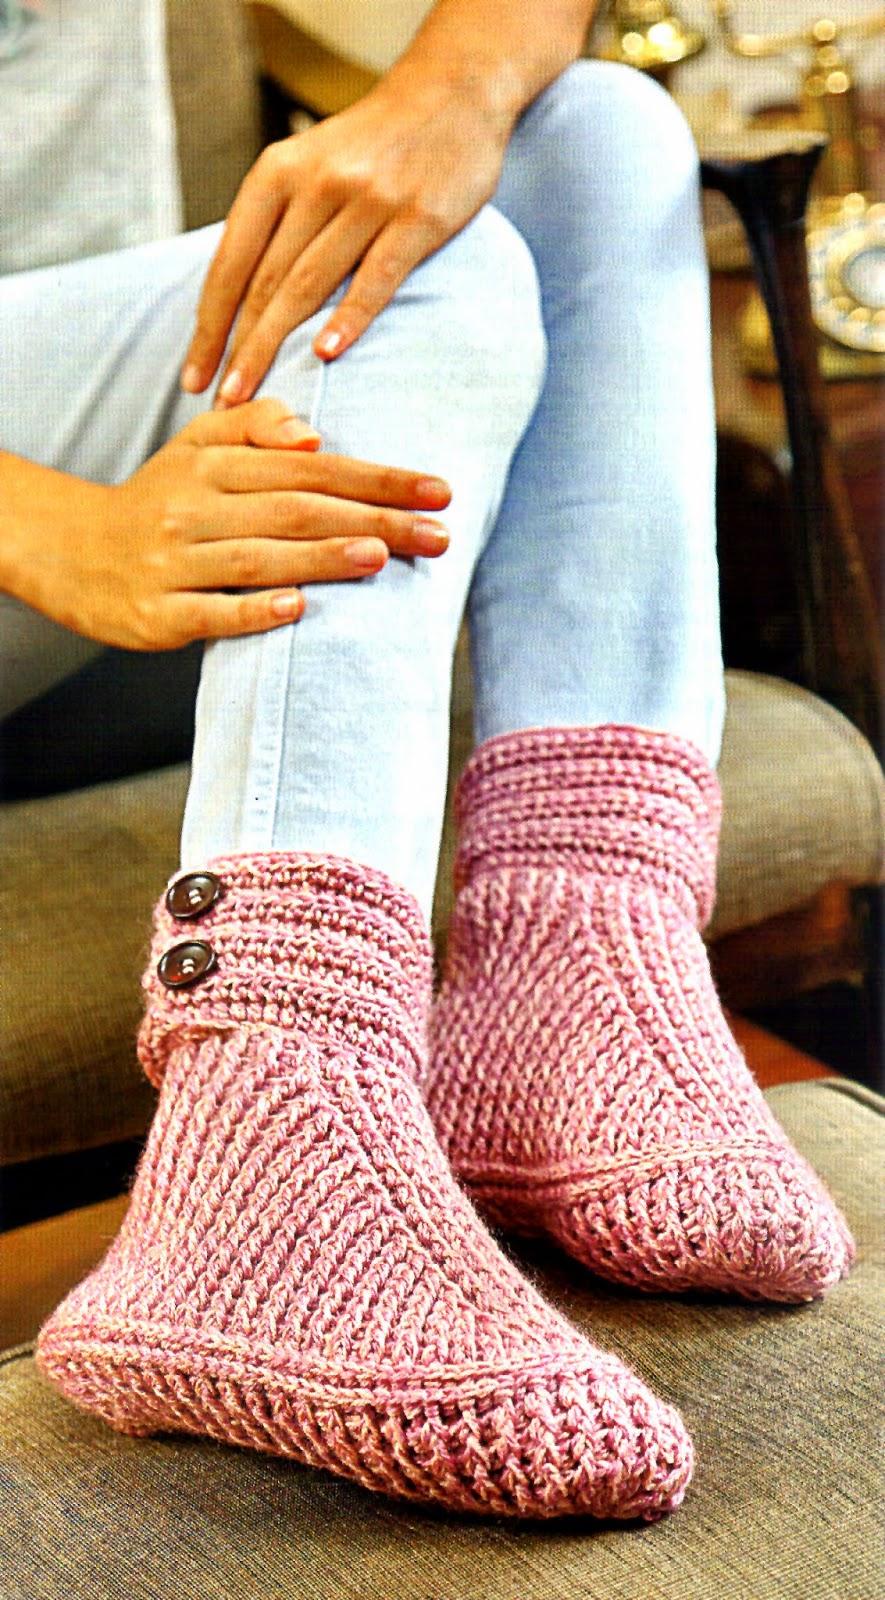 zapato tejido al crochet con botones en el puño